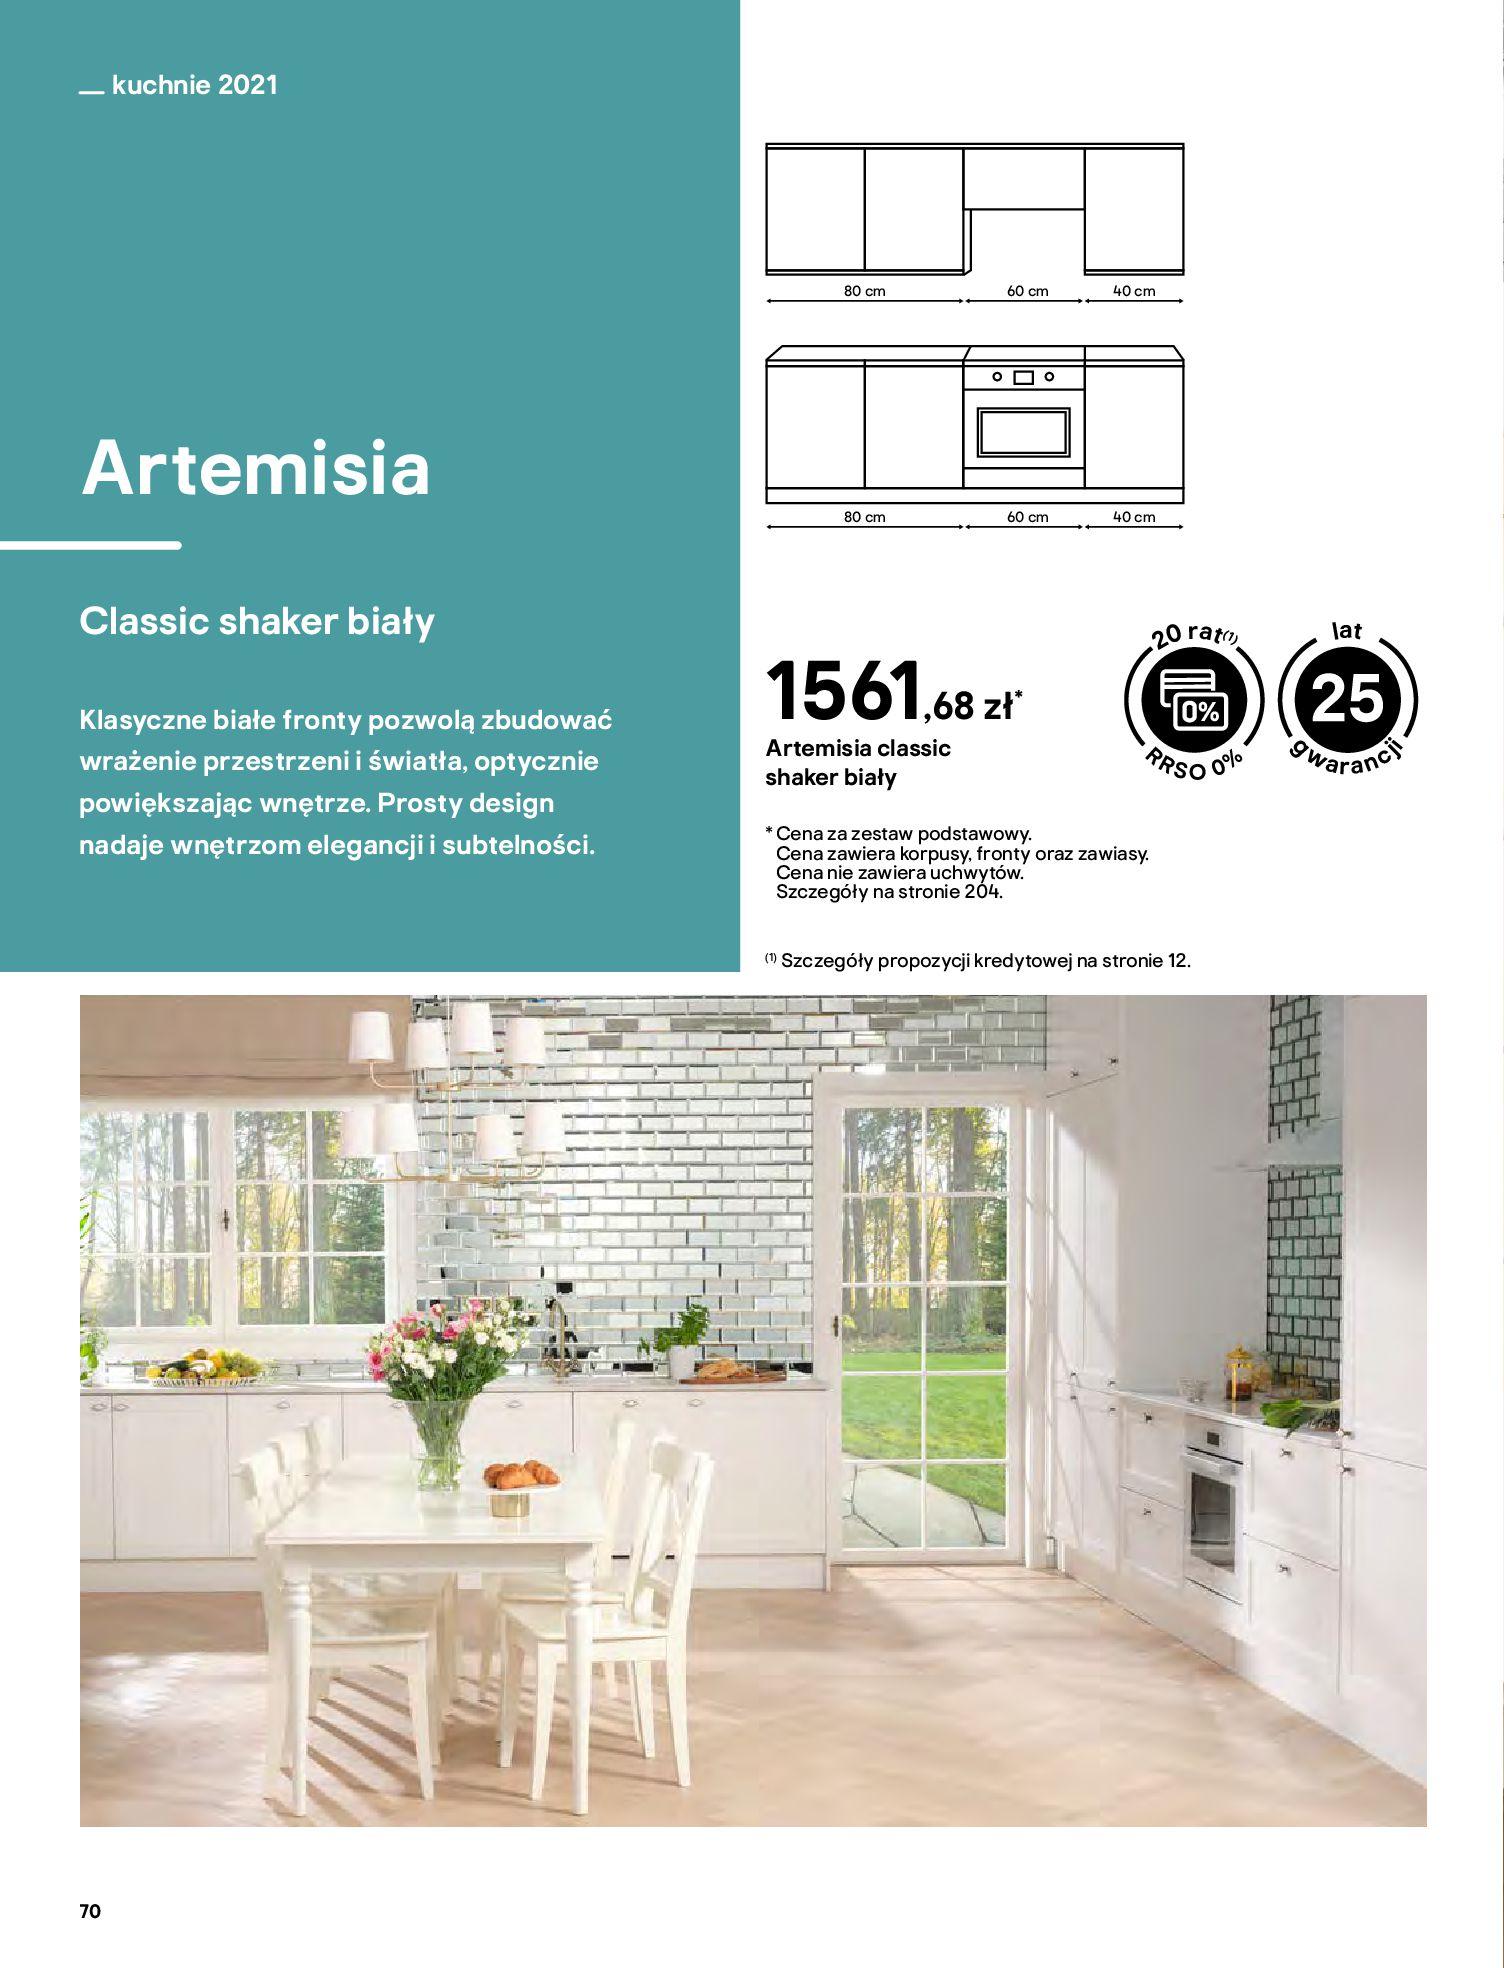 Gazetka Castorama: Katalog kuchnie 2021 2021-05-04 page-70